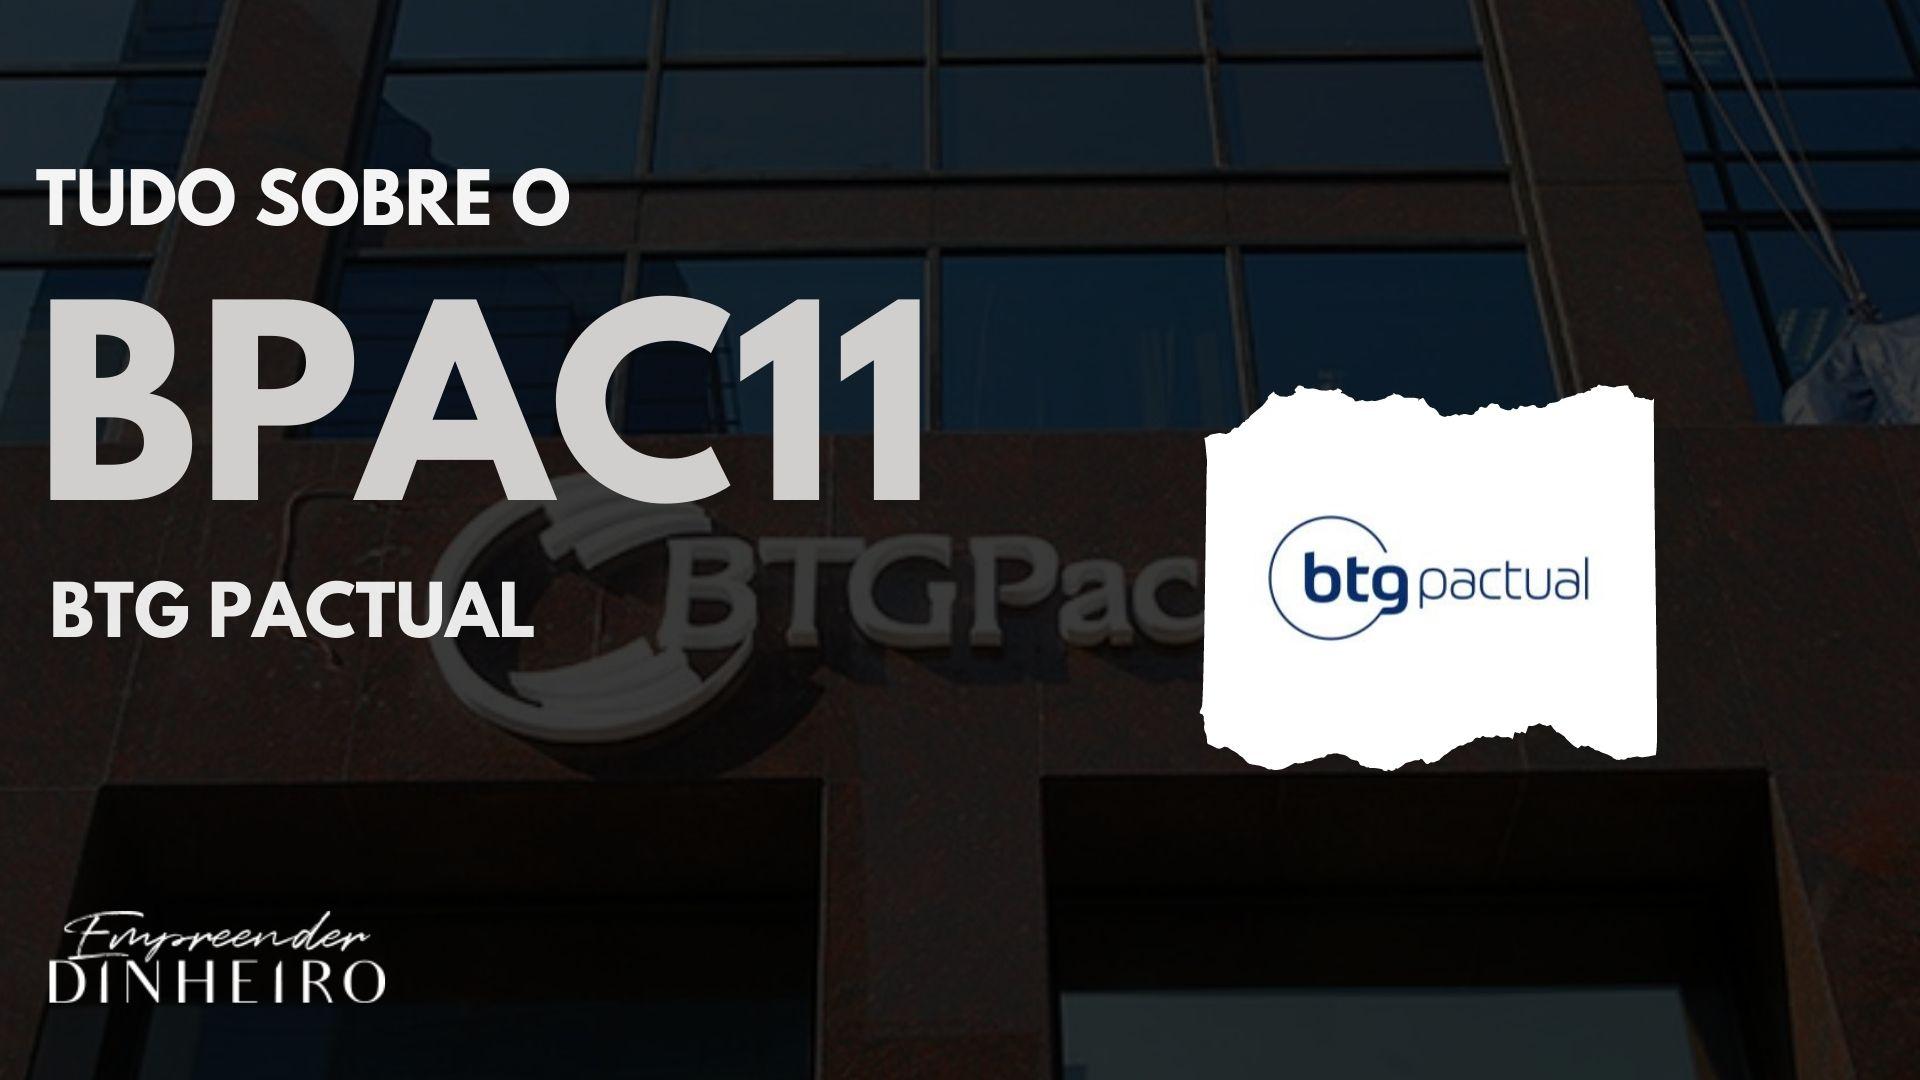 BPAC11